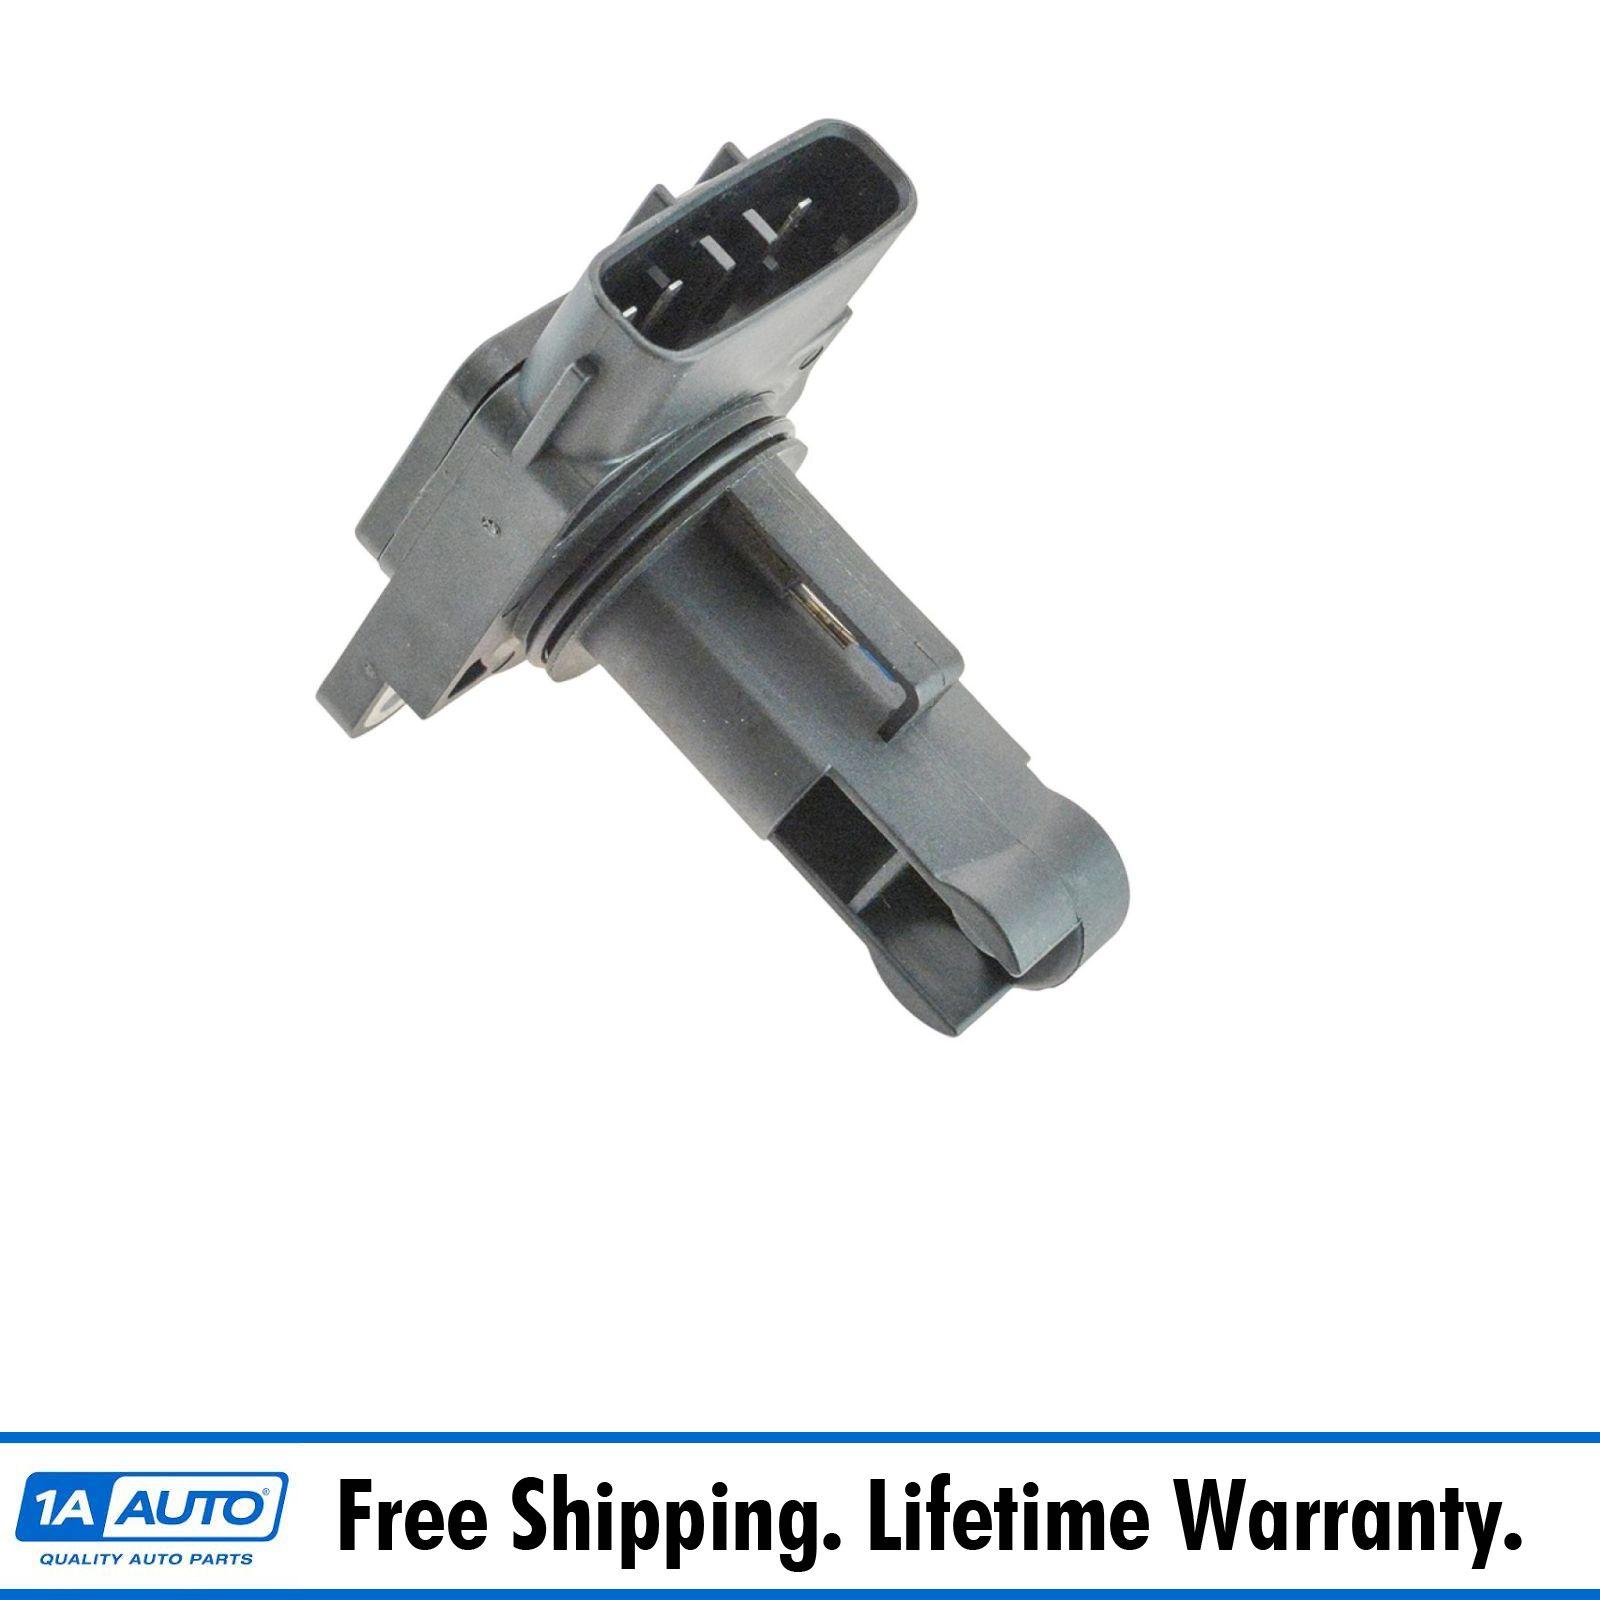 Details about Delphi AF10135 Mass Air Flow Sensor Meter for Mazda Volvo  Jaguar Toyota GM New